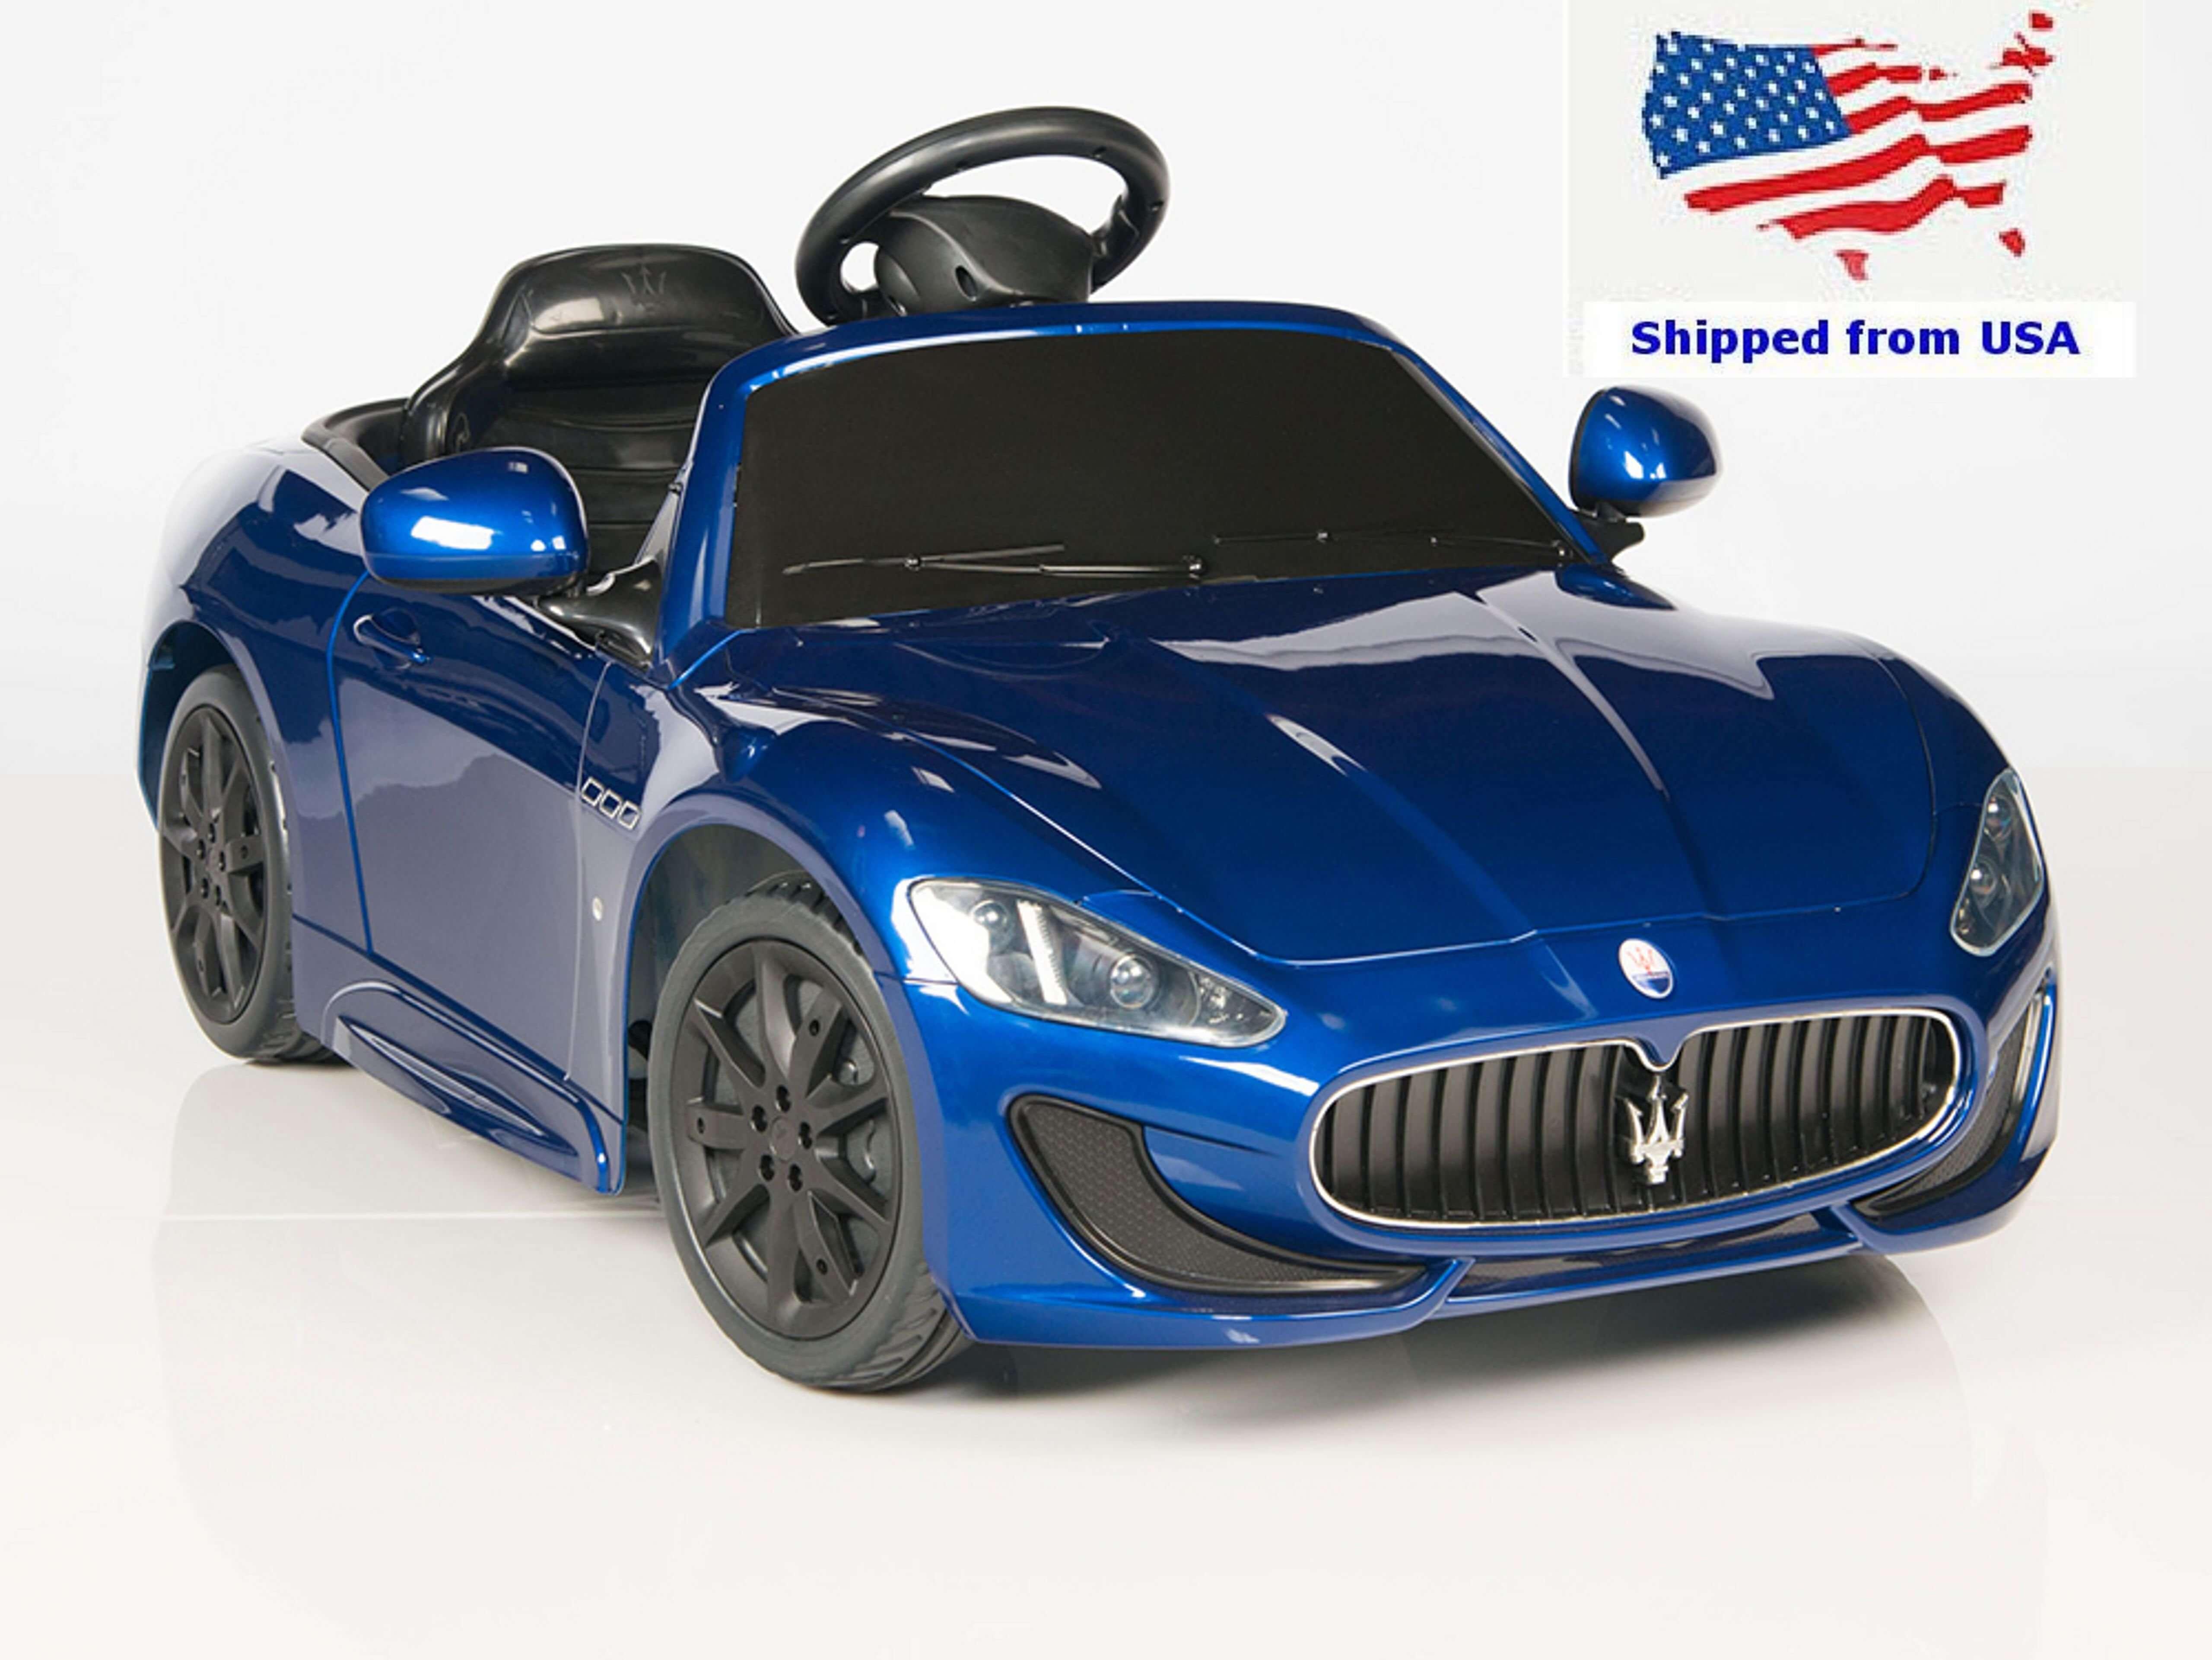 ride 12v cars canada electric remote maserati toys go control